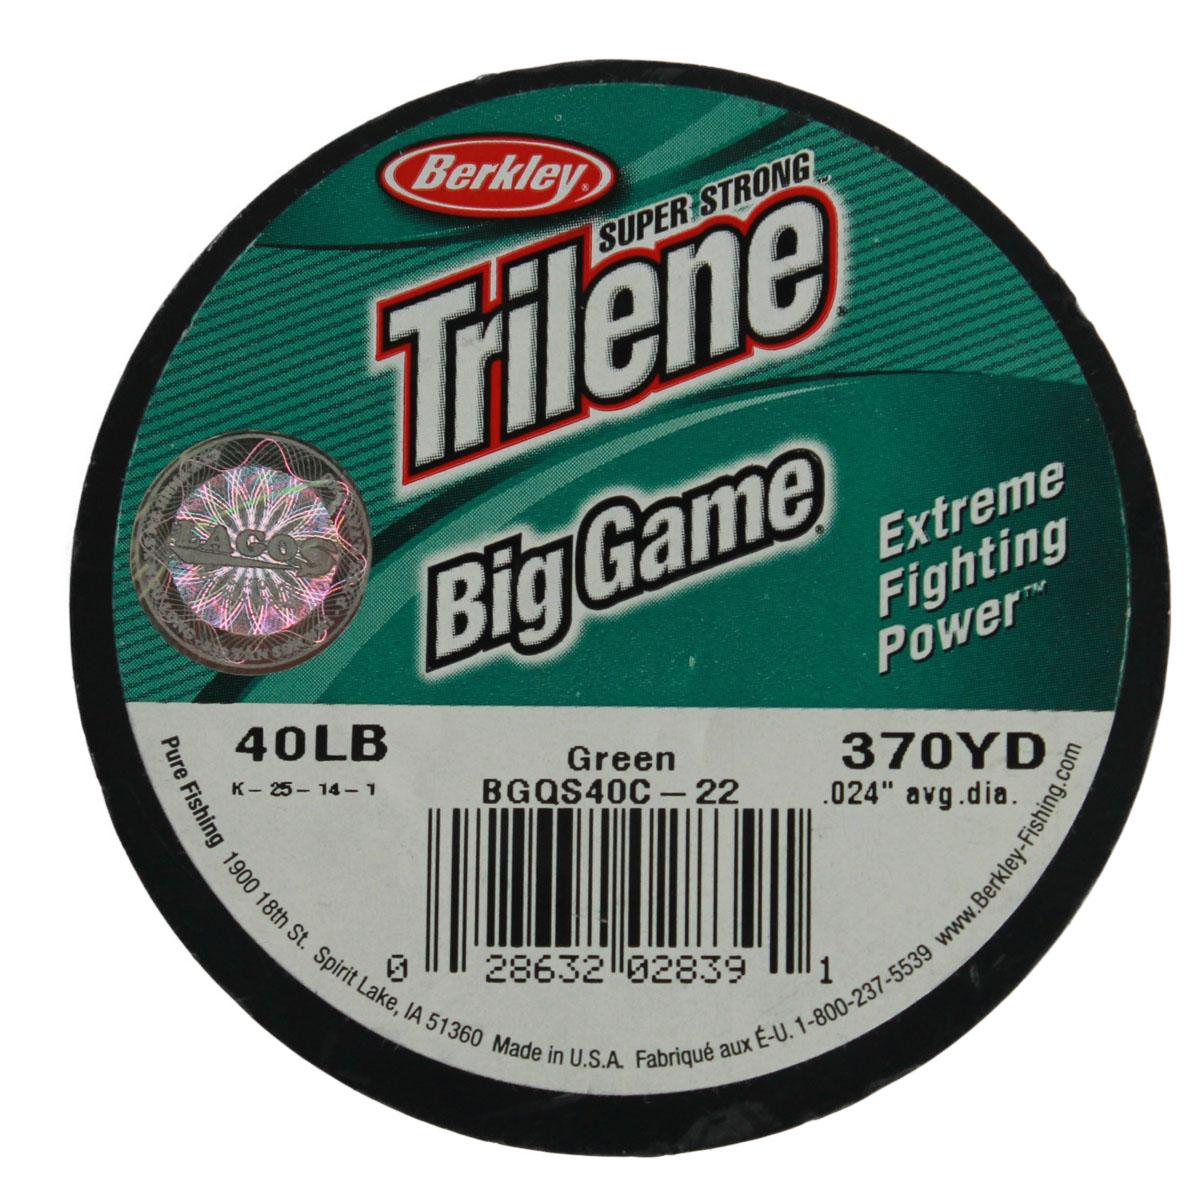 Dây Câu Cá Trilene BigGame 370YD Chính Hãng Loại Tốt